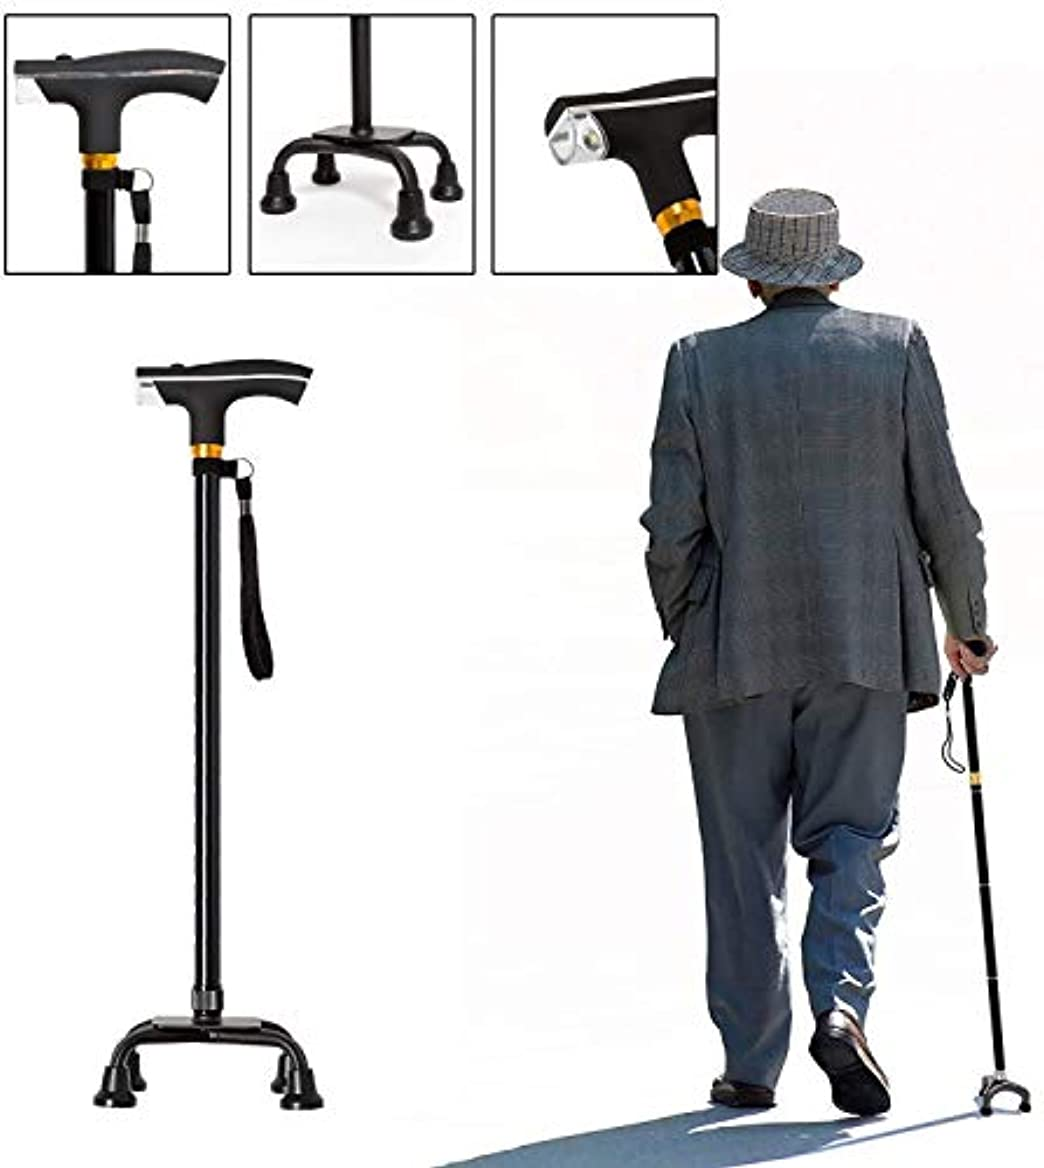 誓約飢路地高齢者の男性や女性のための杖アルミ合金の杖5調節可能な高さの杖LEDライトロードベアリング付き150kg無効杖